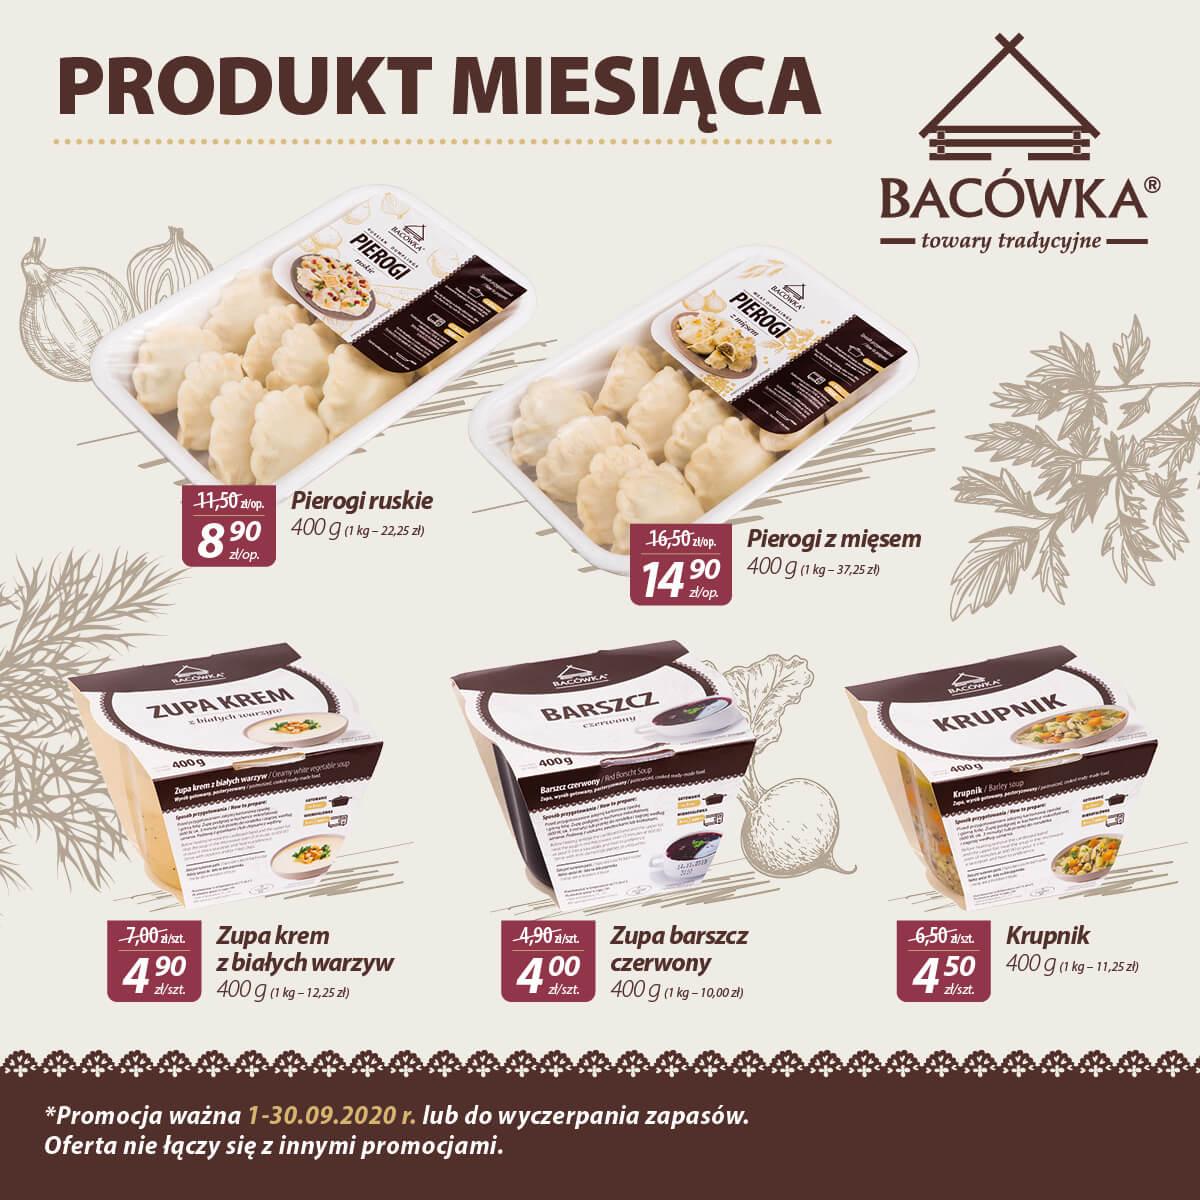 BACOWKA_PROMOCJA_wrzesien_1-30.09.2020